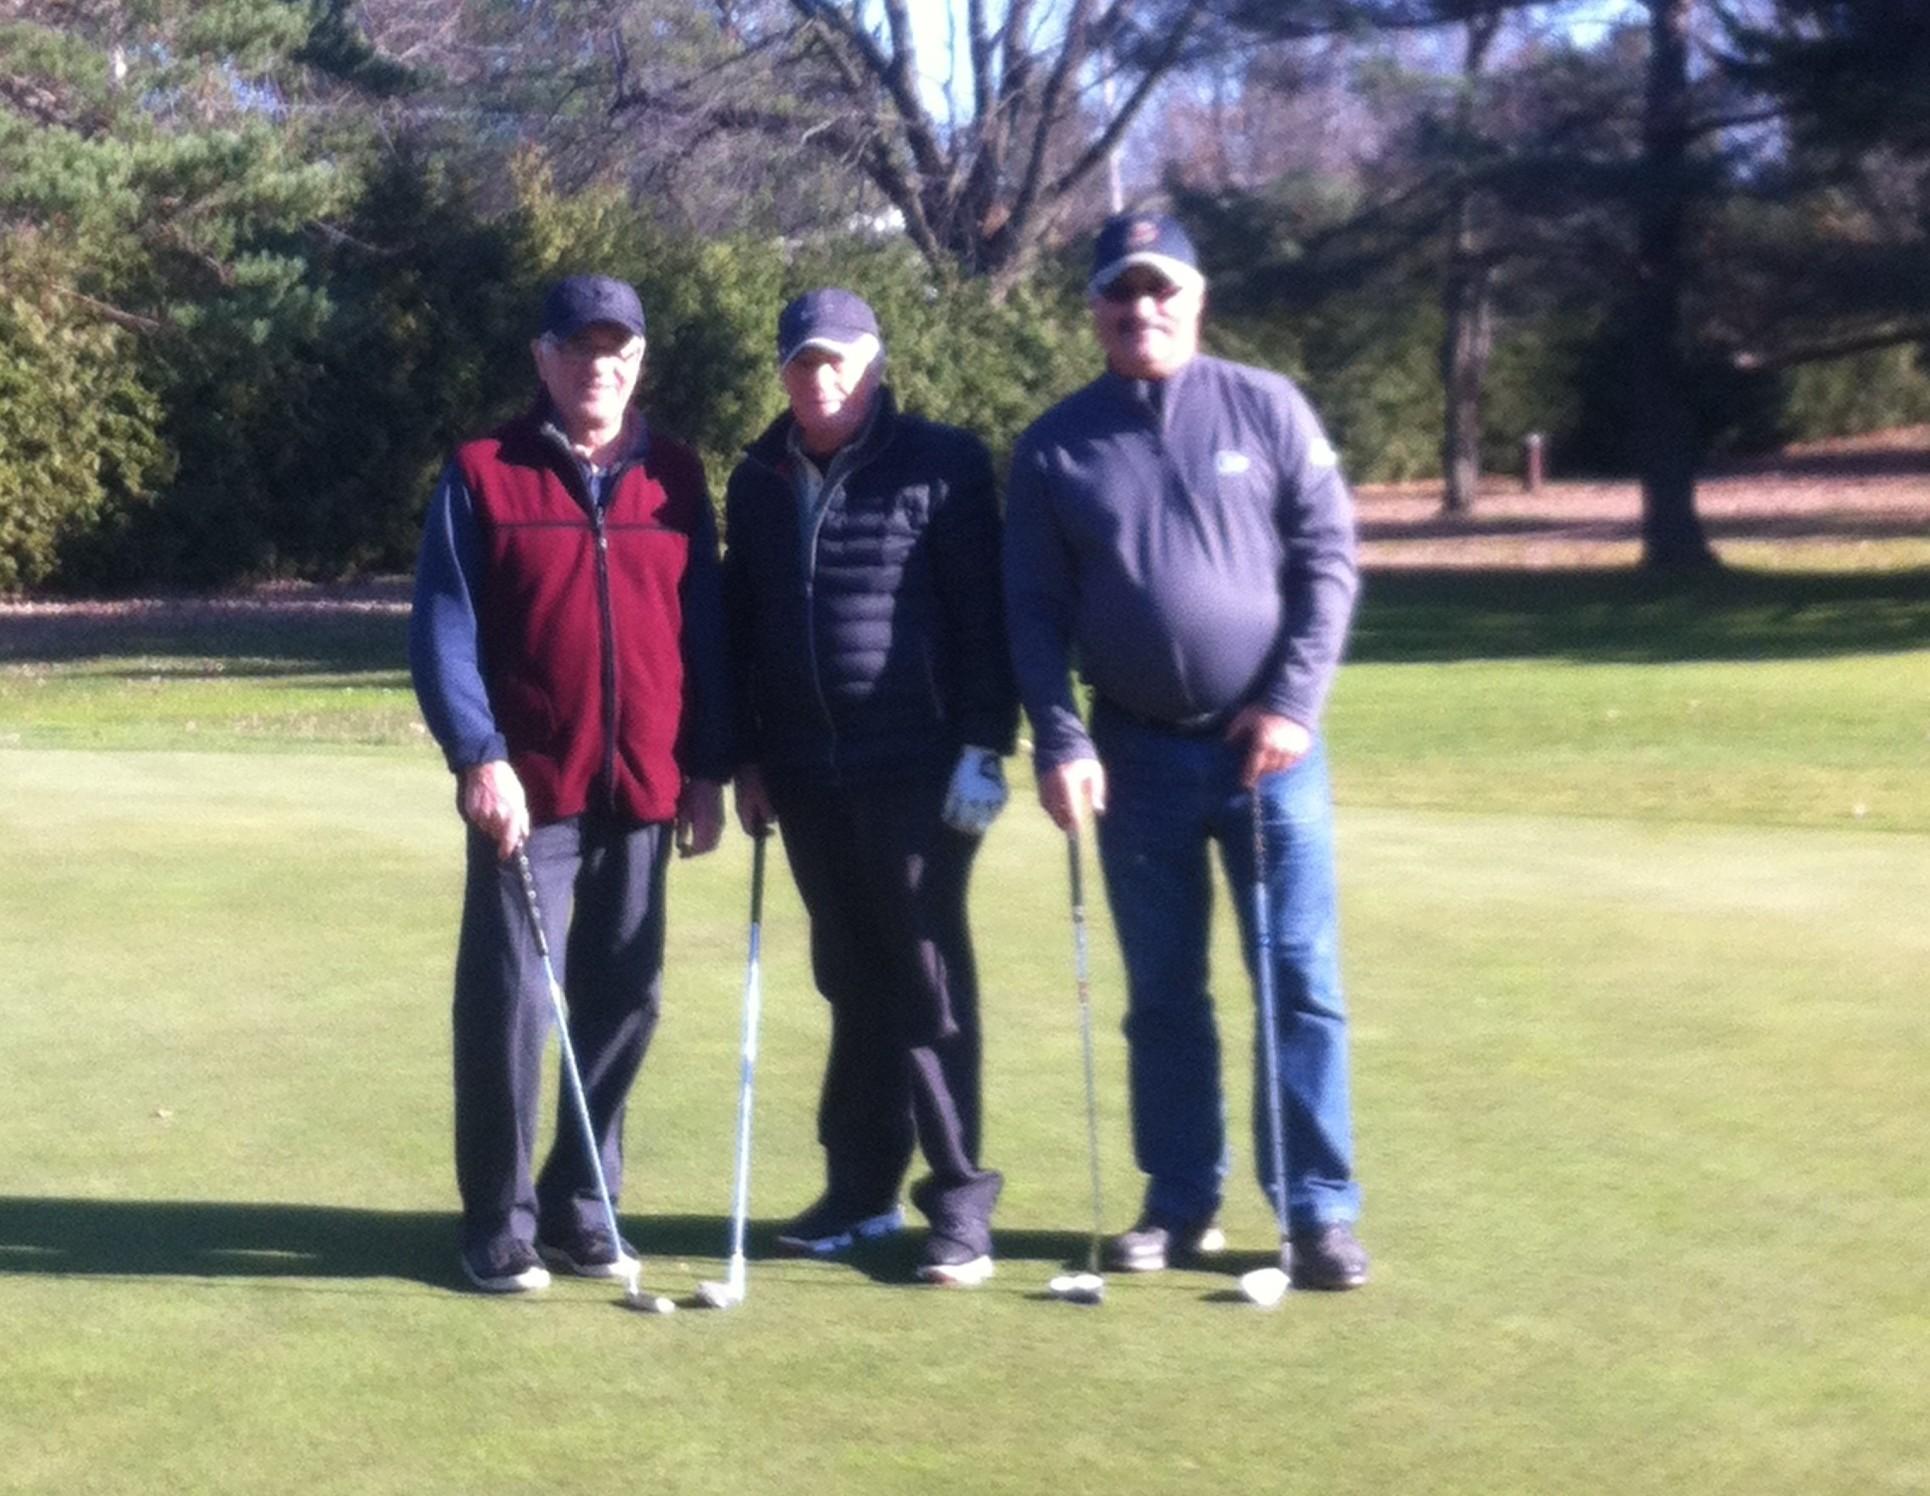 Le golf Heriot clôture sa saison 2015 vendredi 20 novembre